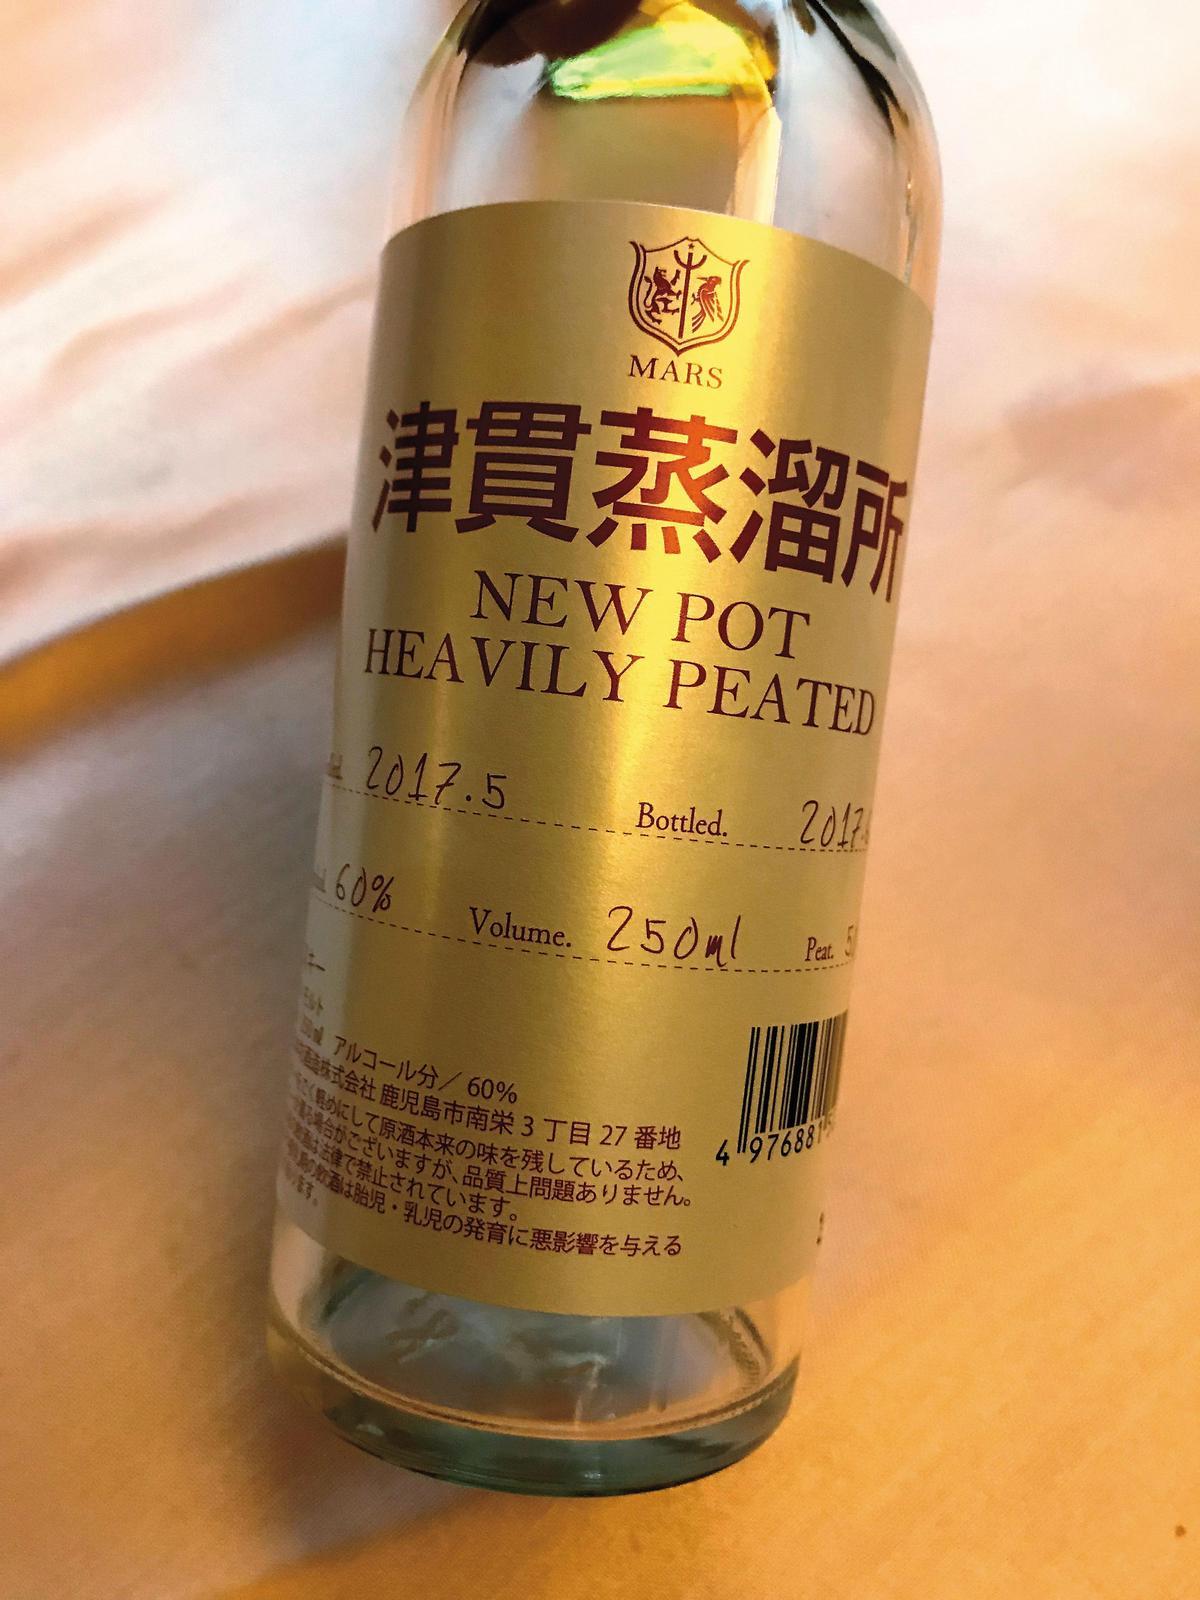 去年成立於鹿兒島的津貫酒廠,是目前日本緯度最南的威士忌廠,Mars特地帶來津貫的新酒,給參加大師講堂的人品嘗。